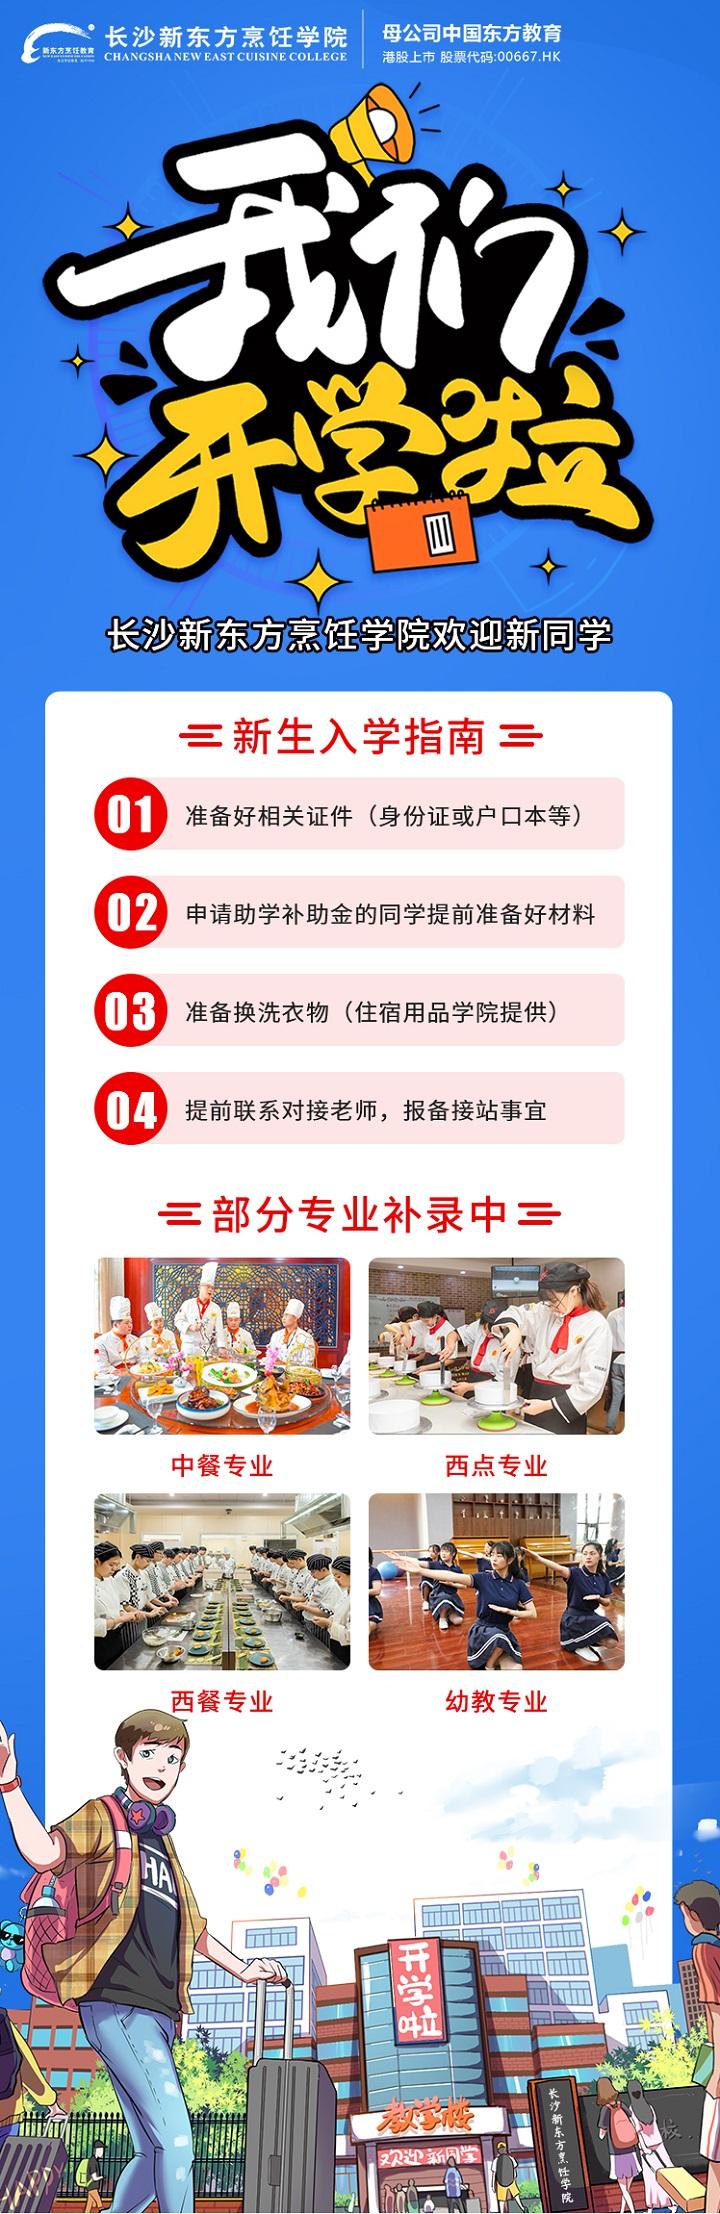 【开学啦】转学要趁早,长沙新东方招生补录火热进行中